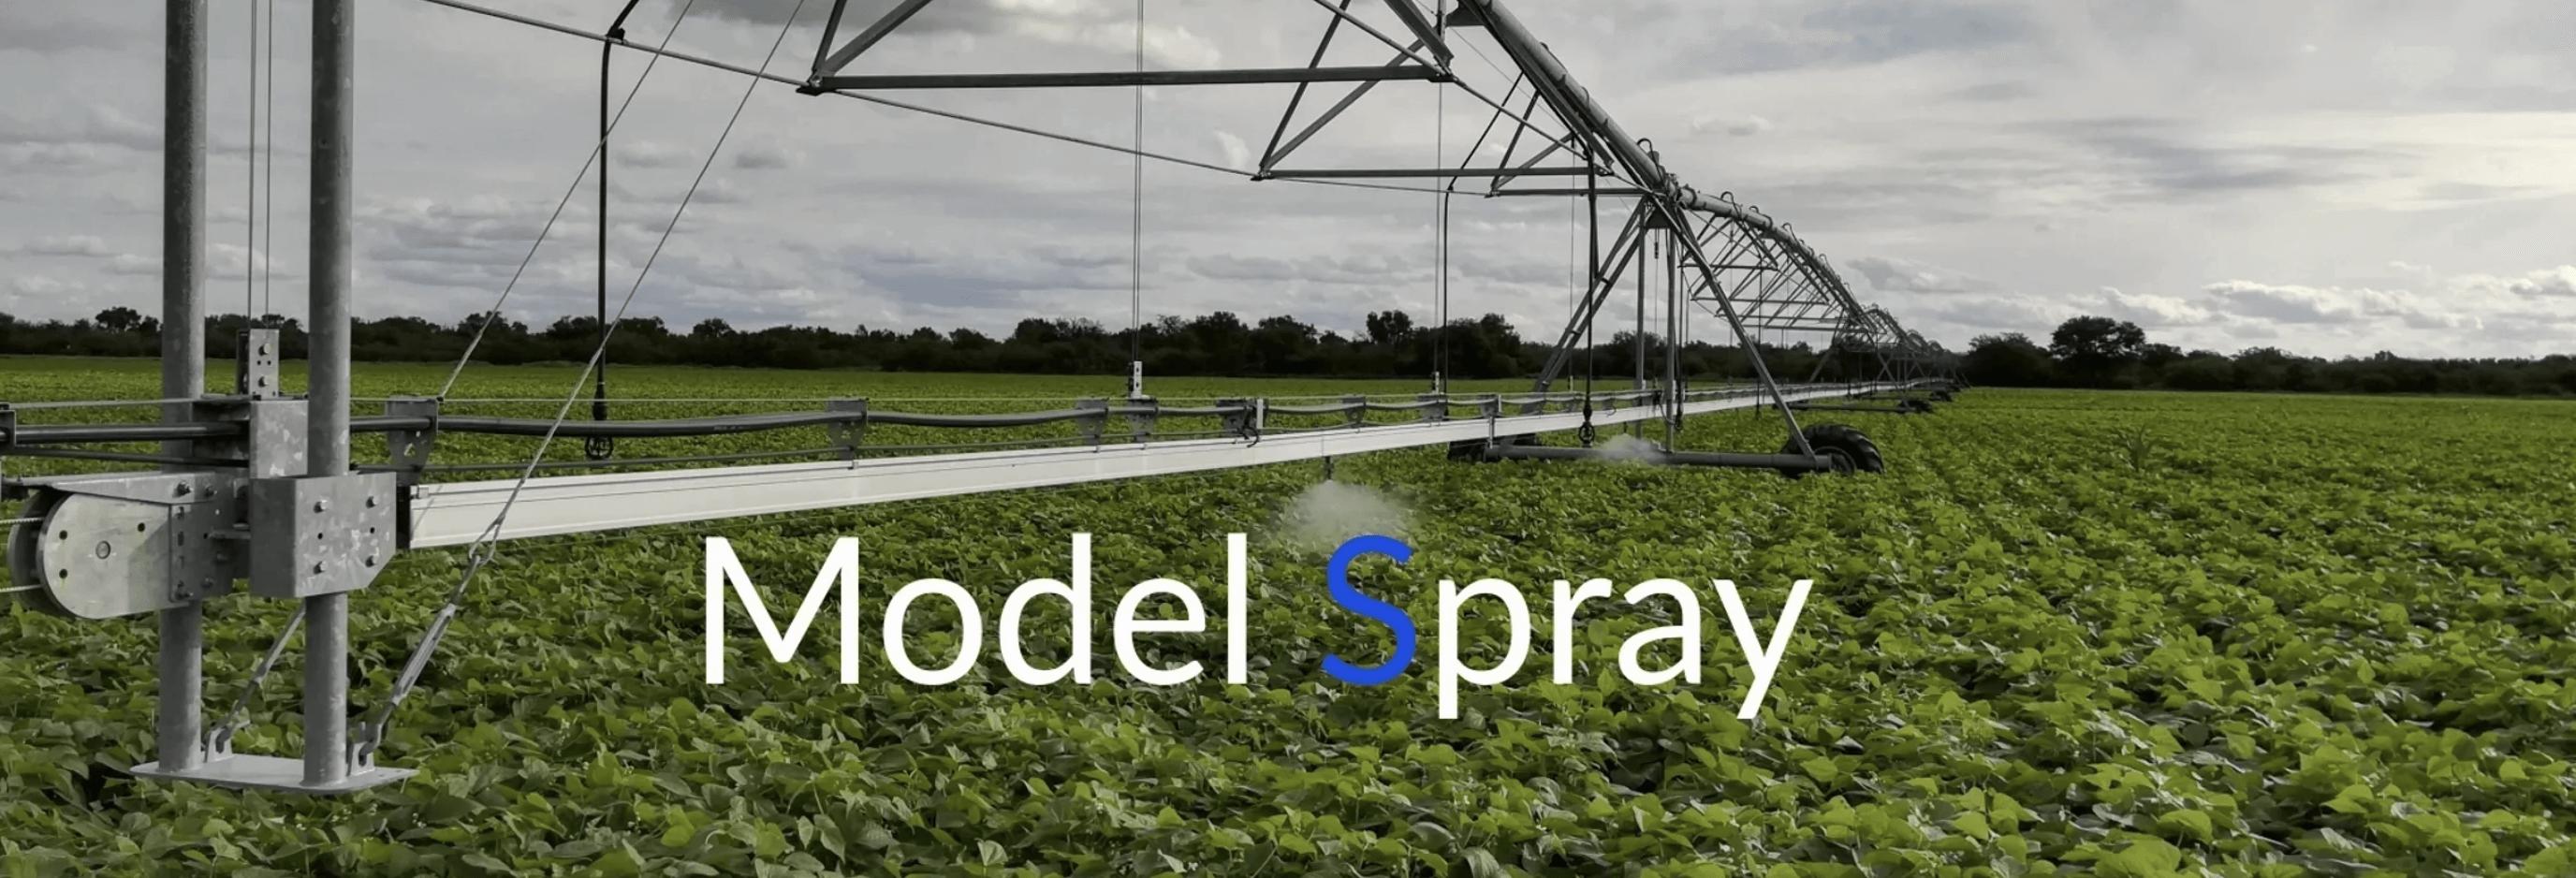 スプレーノズルがハチドリのように空中を行き交う。大規模圃場での農薬散布を安全で効率的にする、Cordoba Technologies の製品を紹介